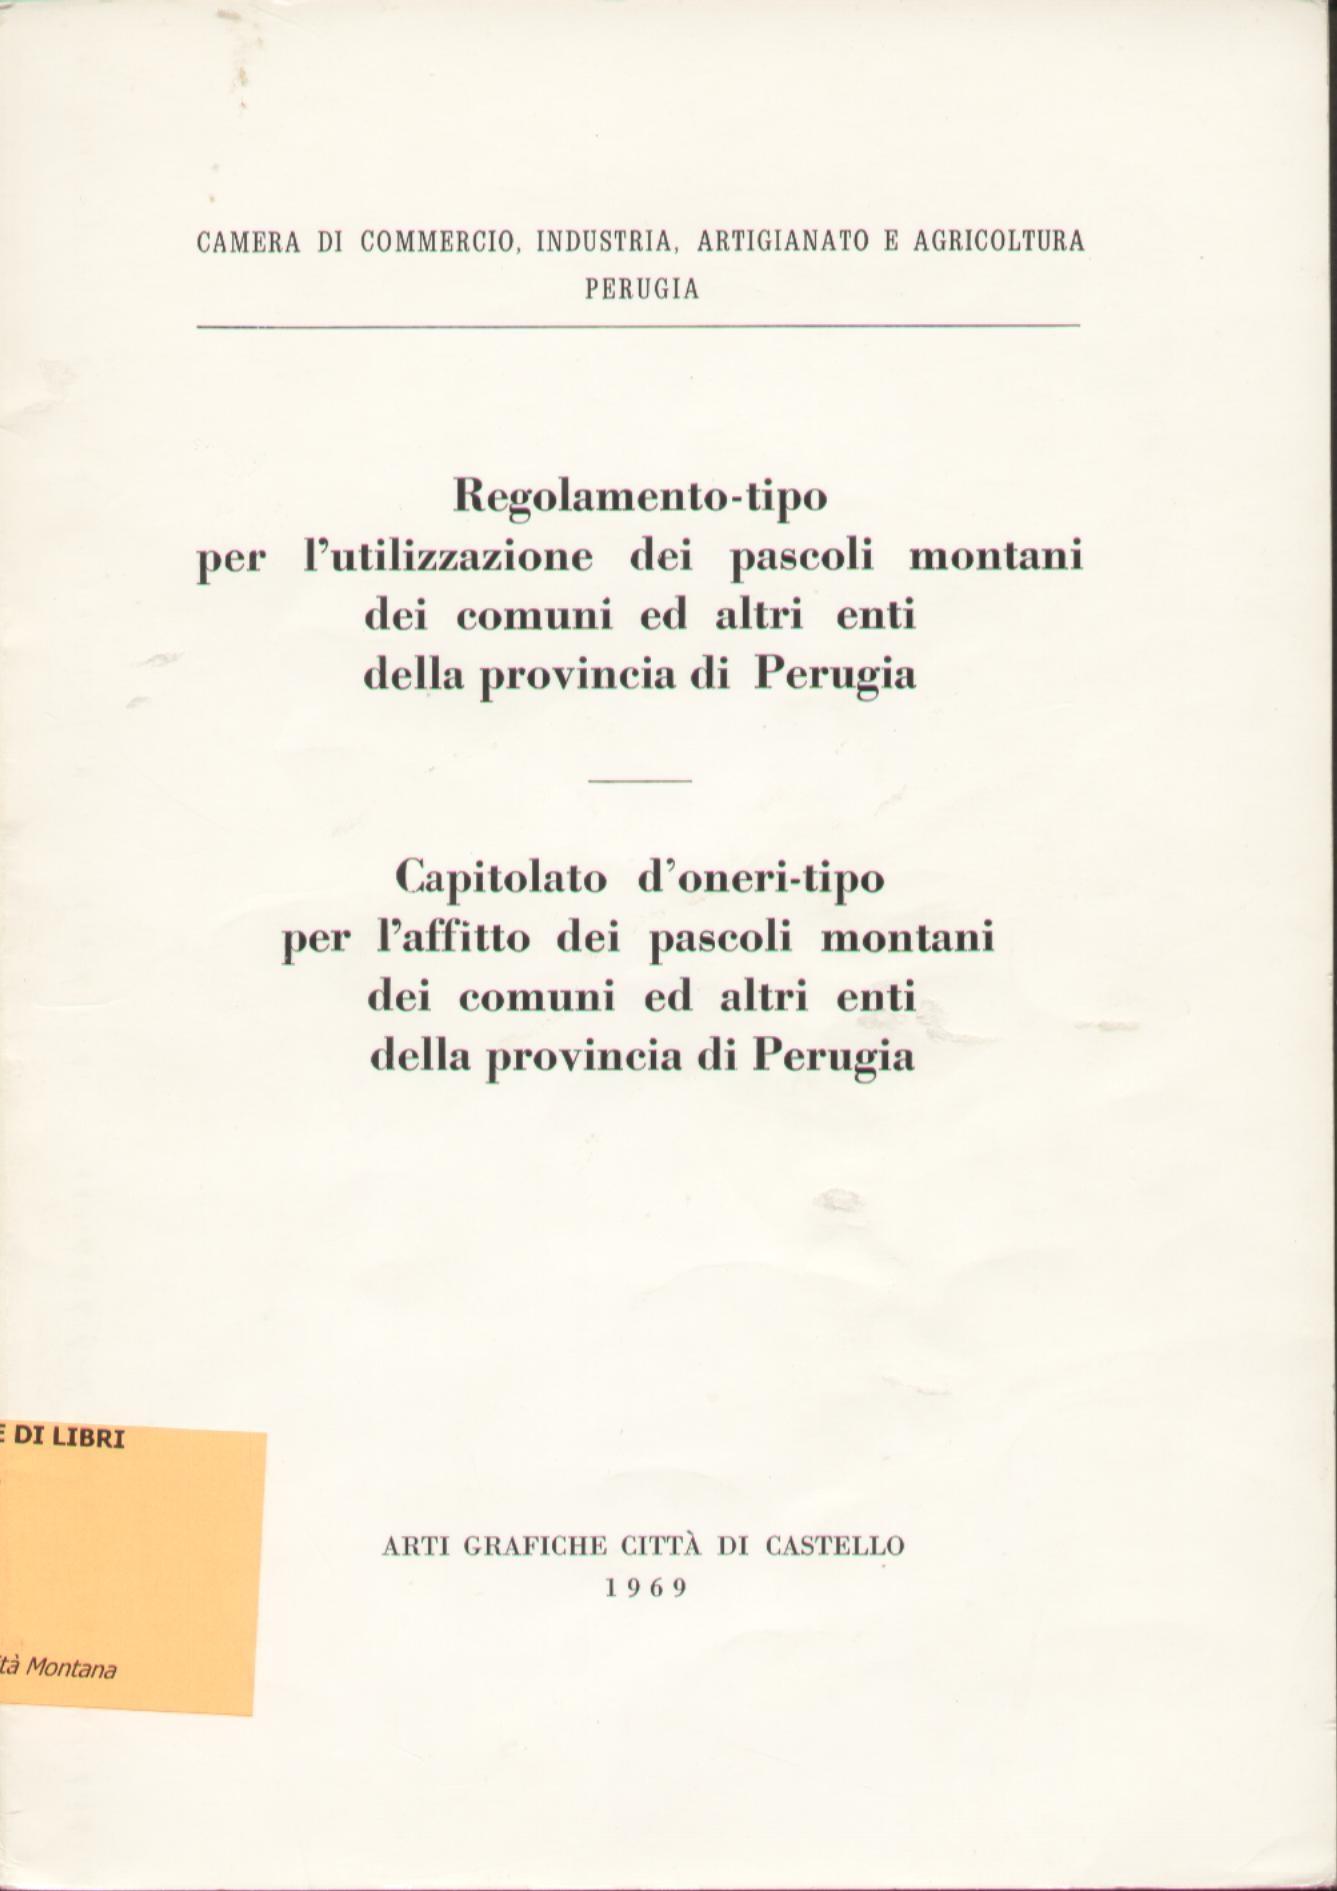 Regolamento-tipo per l'utilizzazione dei pascoli montani dei comuni ed altri enti della provincia di Perugia